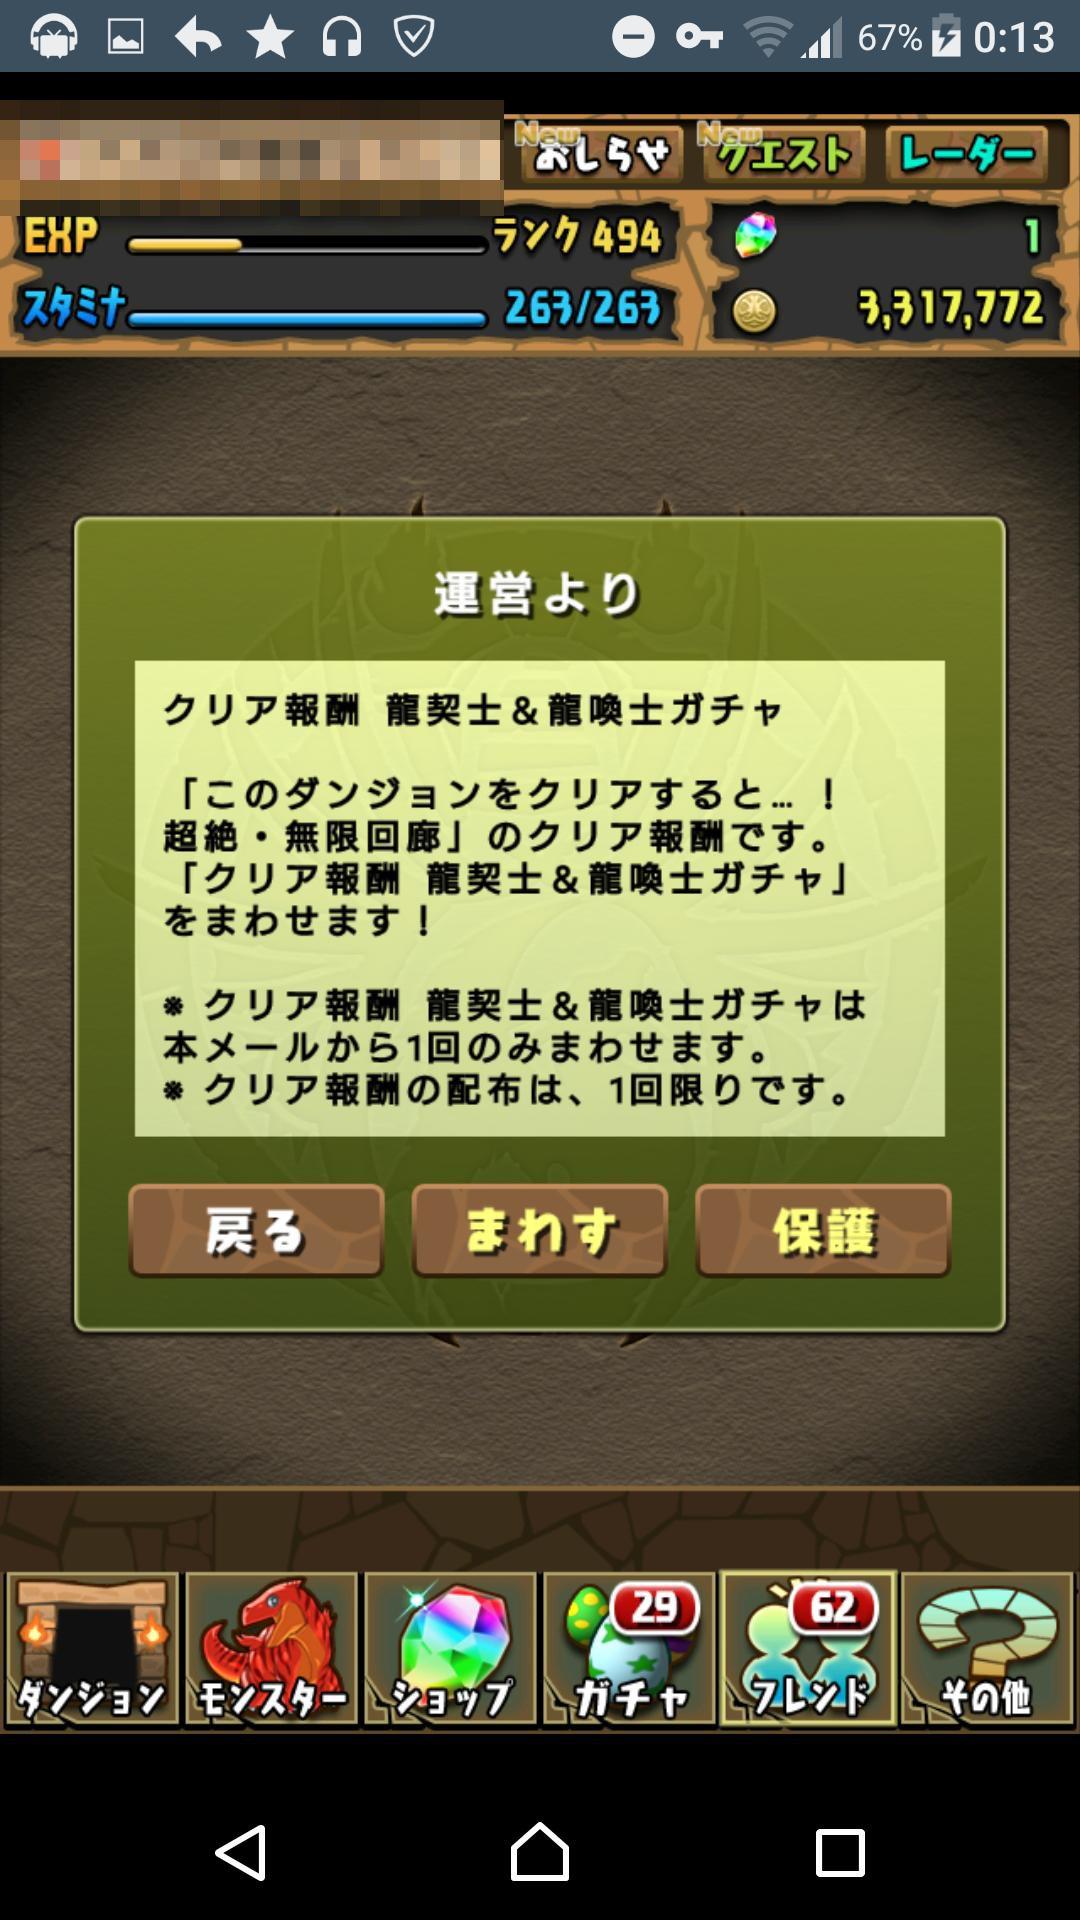 news4vip_1506262959_62201_20170925102809dc0.jpg